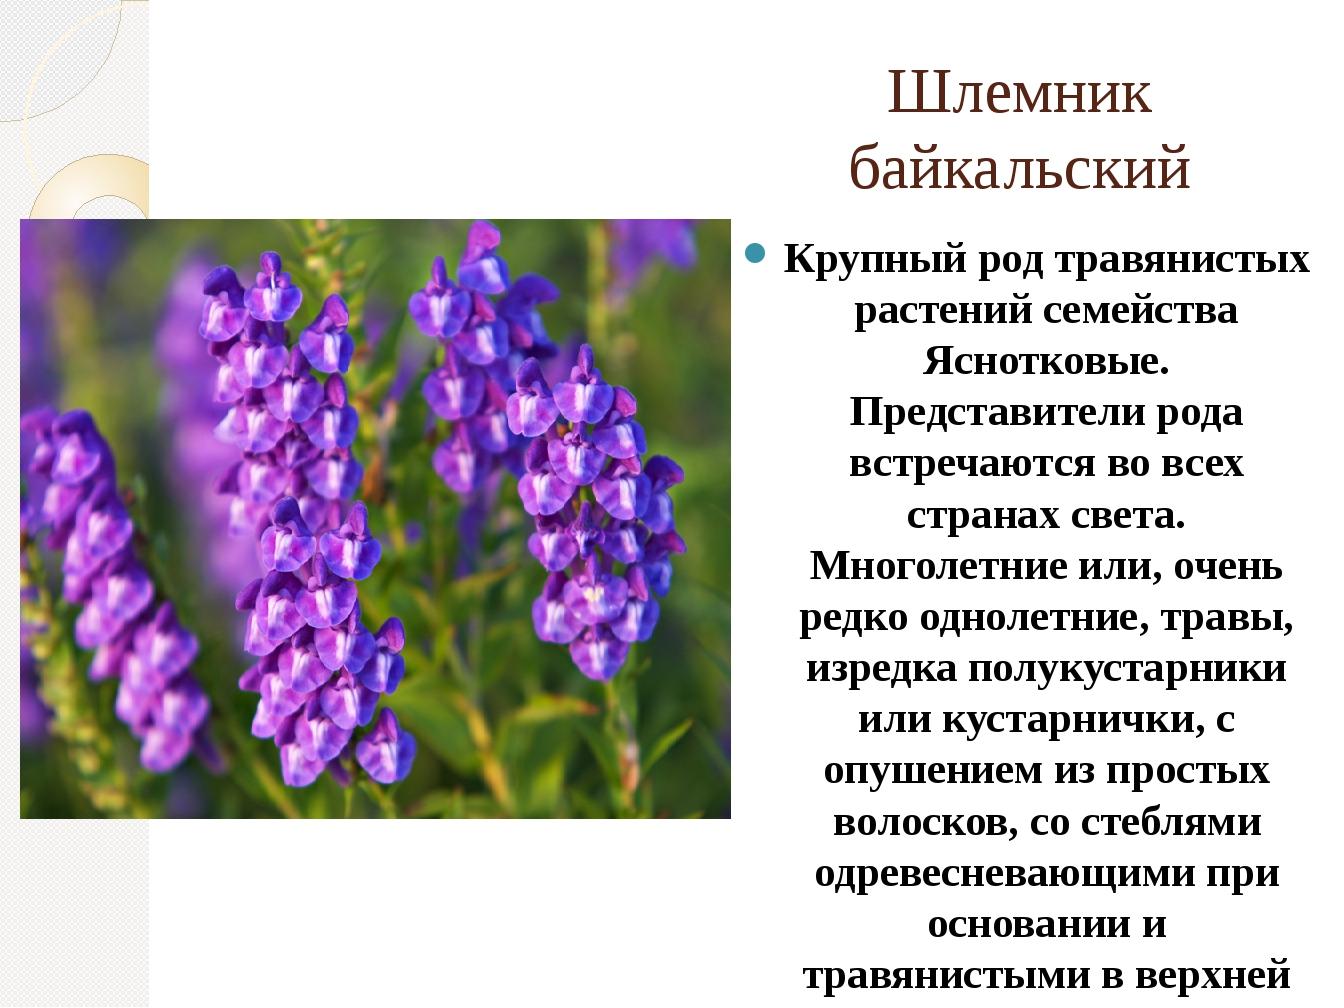 Шлемник байкальский Крупный род травянистых растений семейства Яснотковые. Пр...